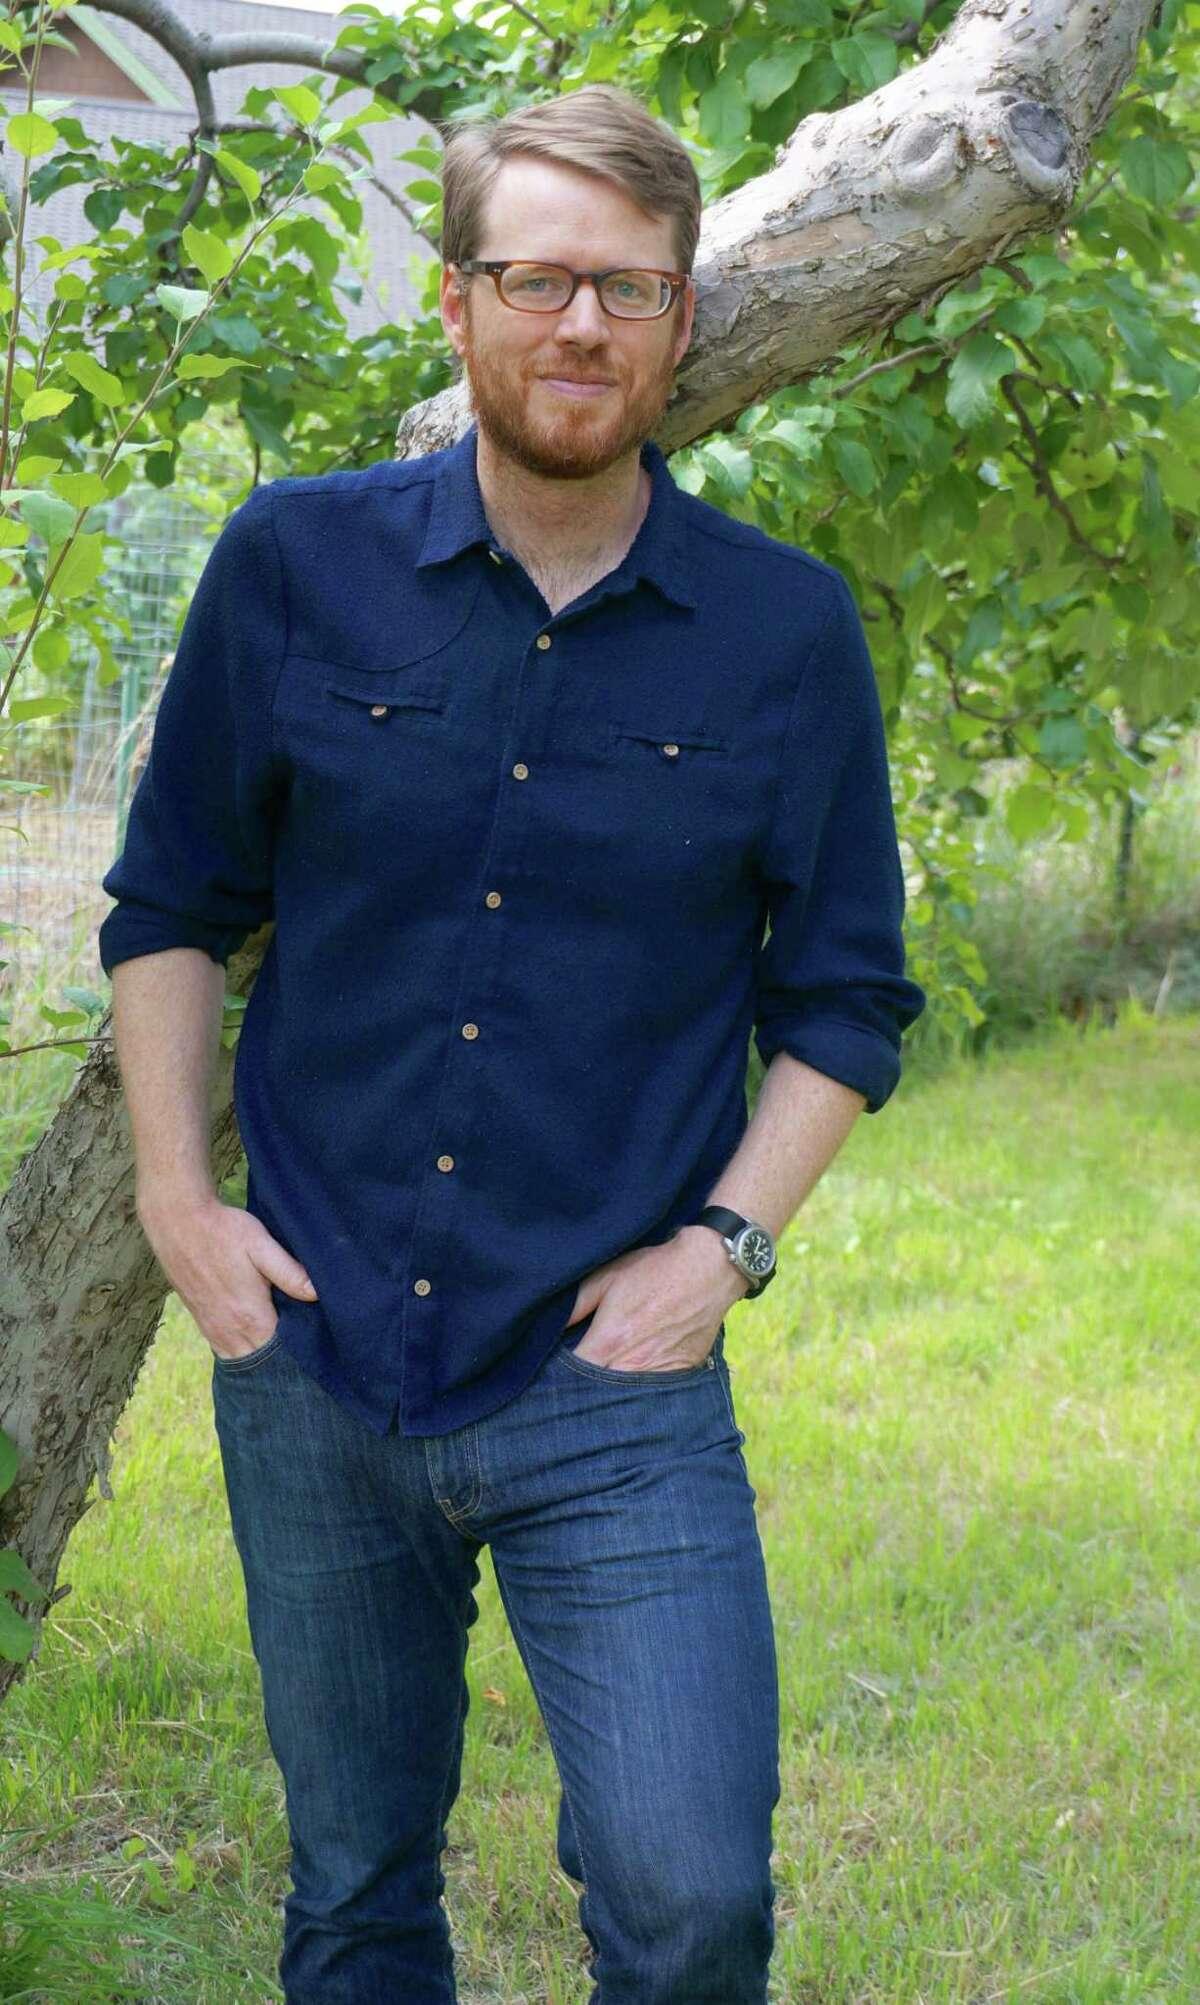 Author Eric Puchner